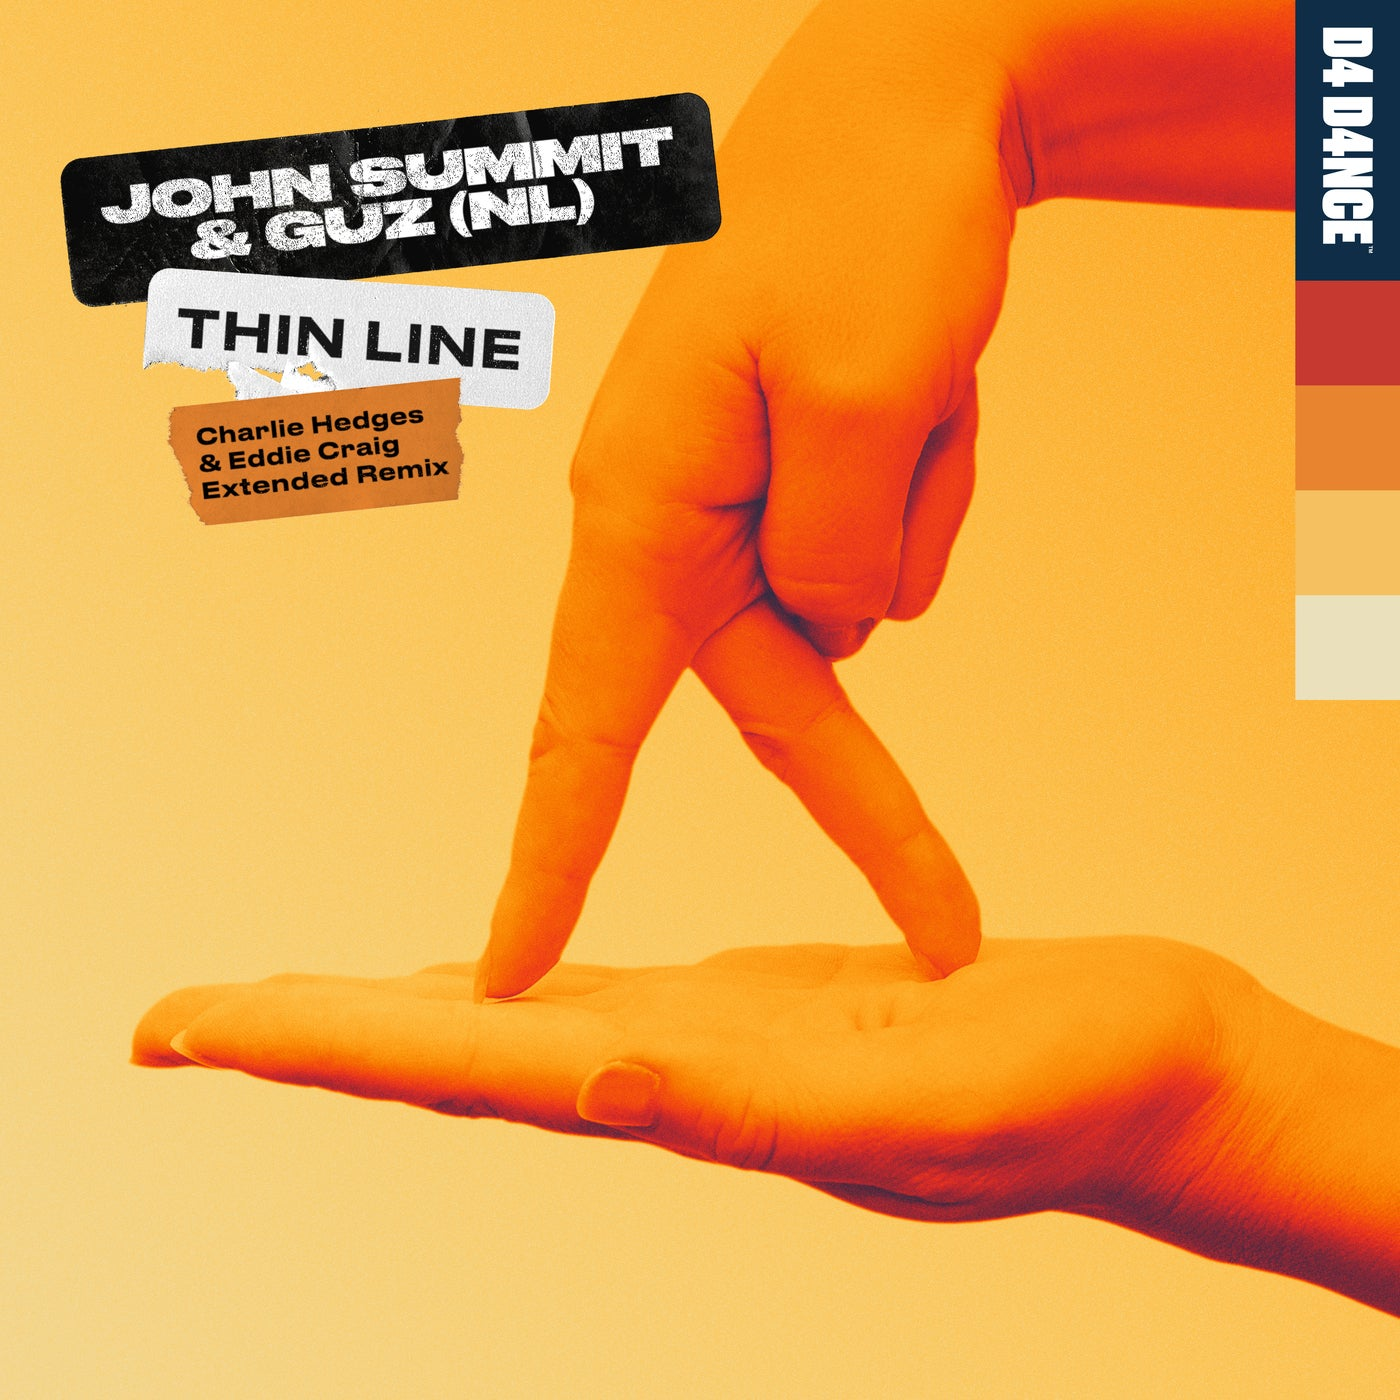 Thin Line